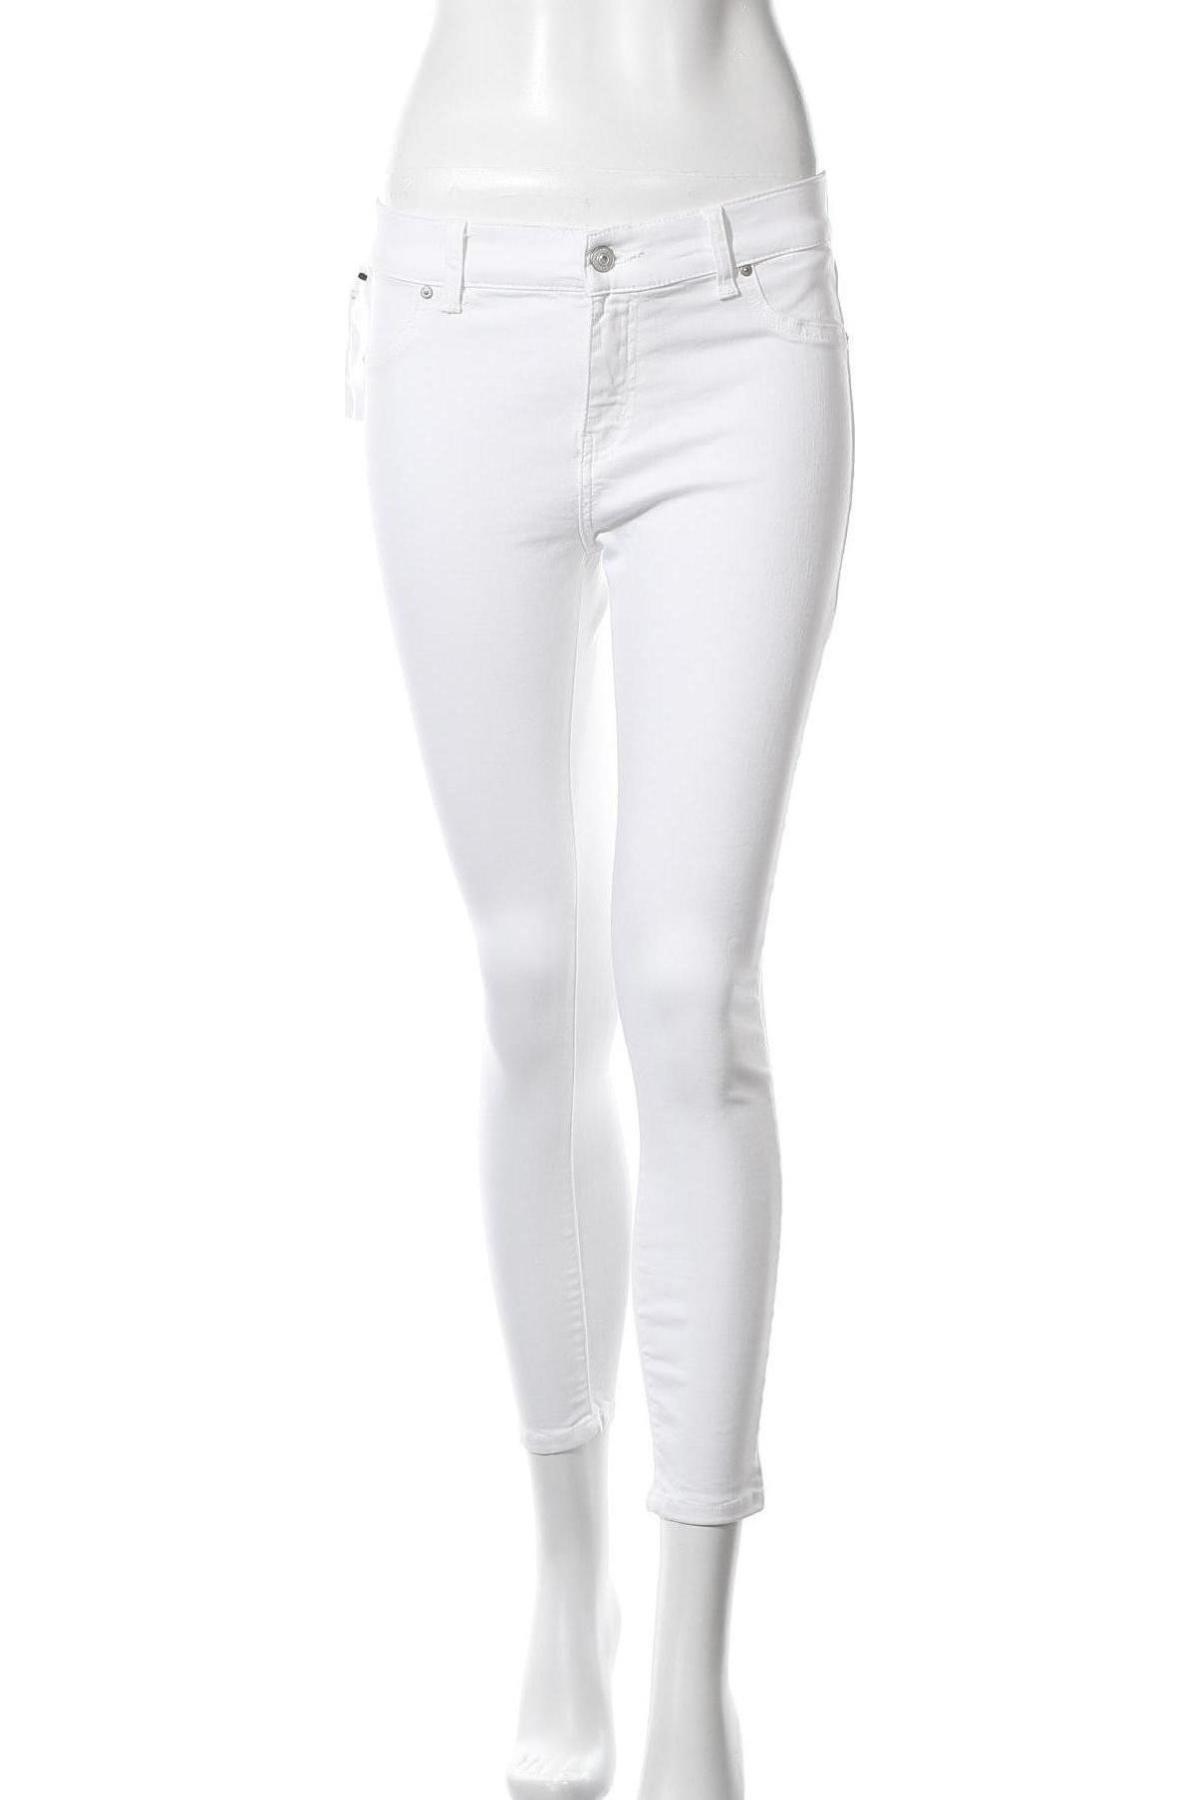 Дамски дънки Ltb, Размер M, Цвят Бял, 98% памук, 2% еластан, Цена 26,22лв.